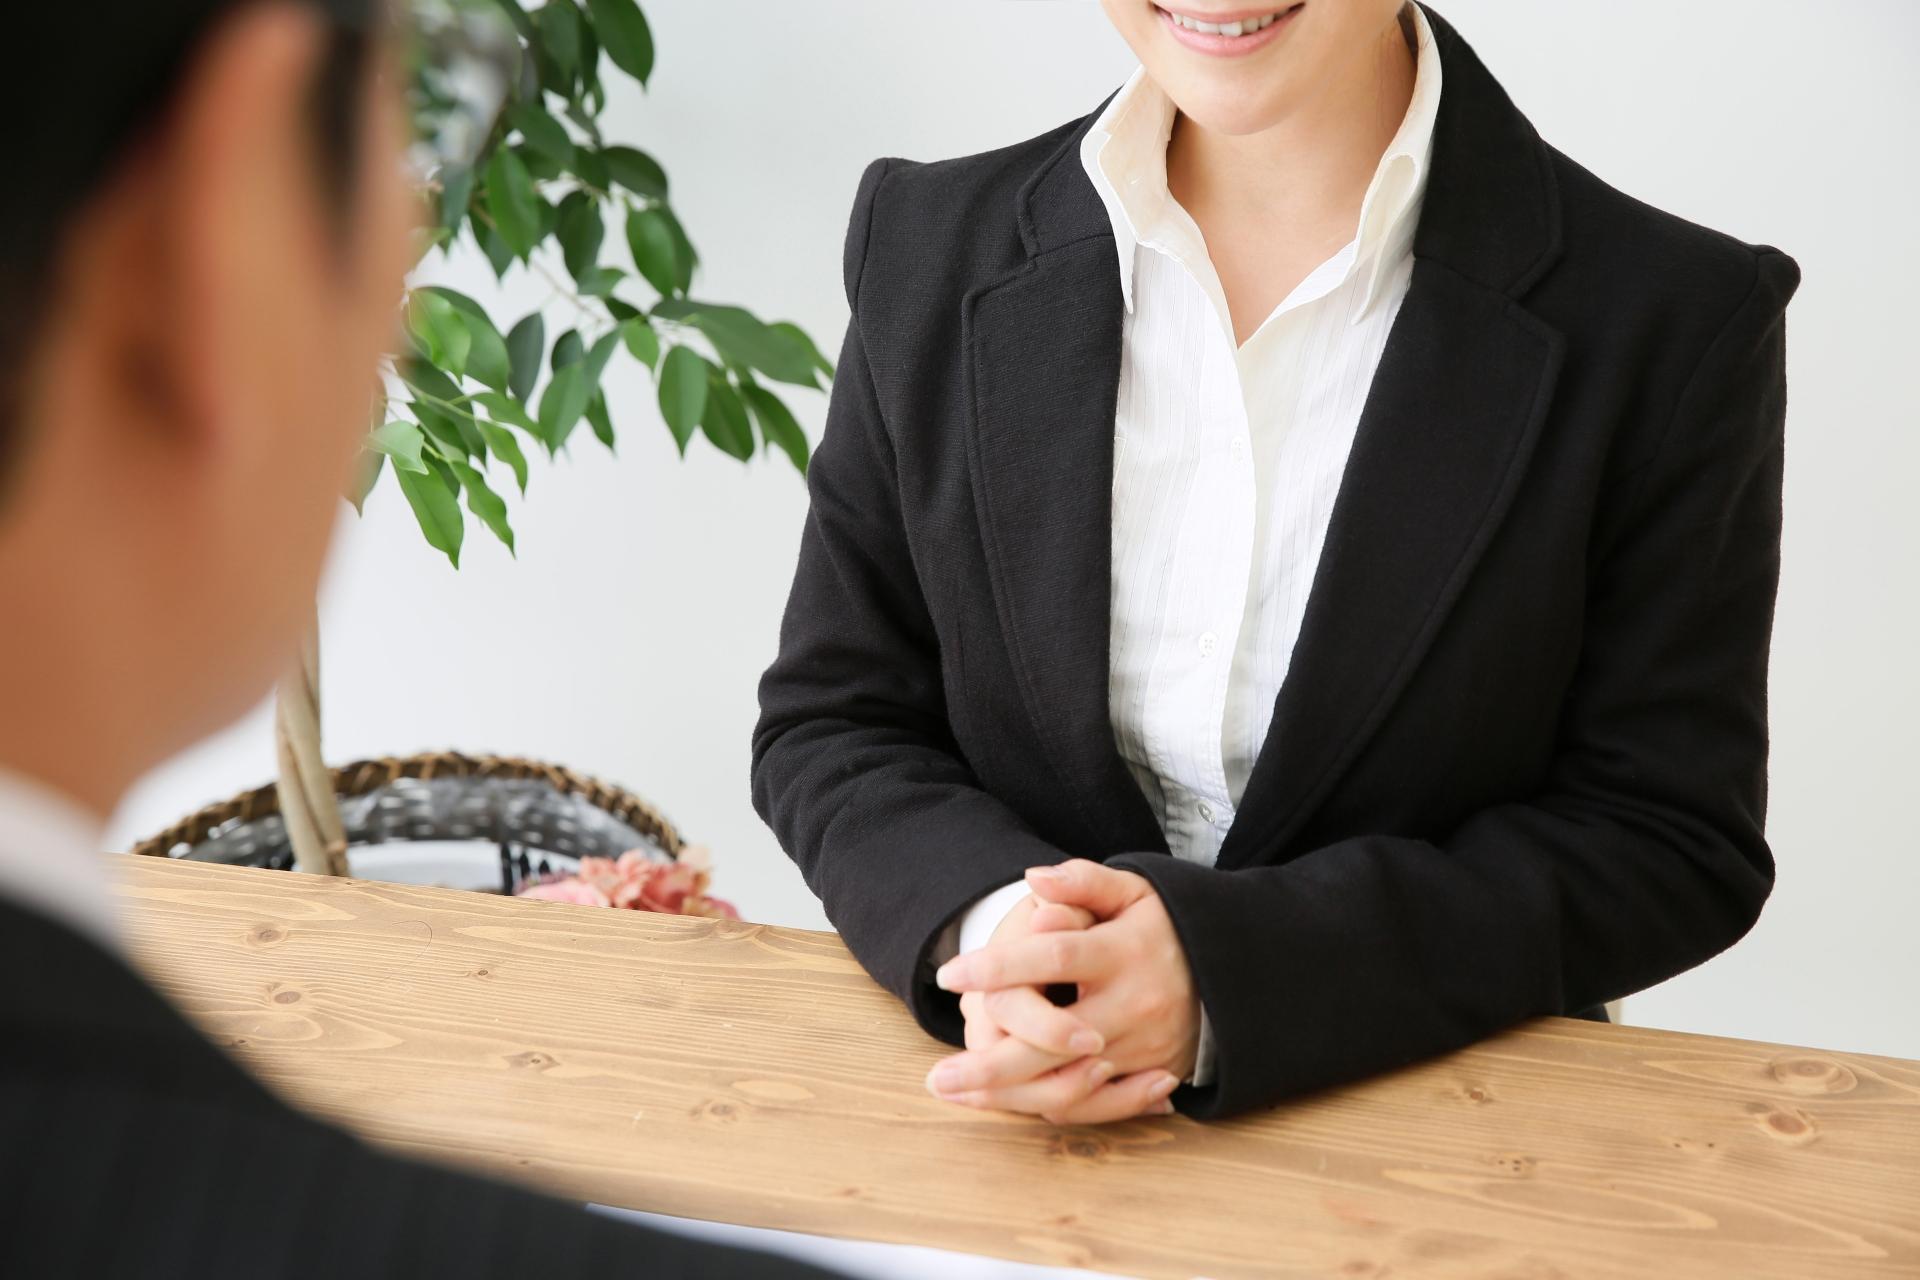 転職理由が育児や家庭事情だと面接で志望理由を伝えるのに苦労する